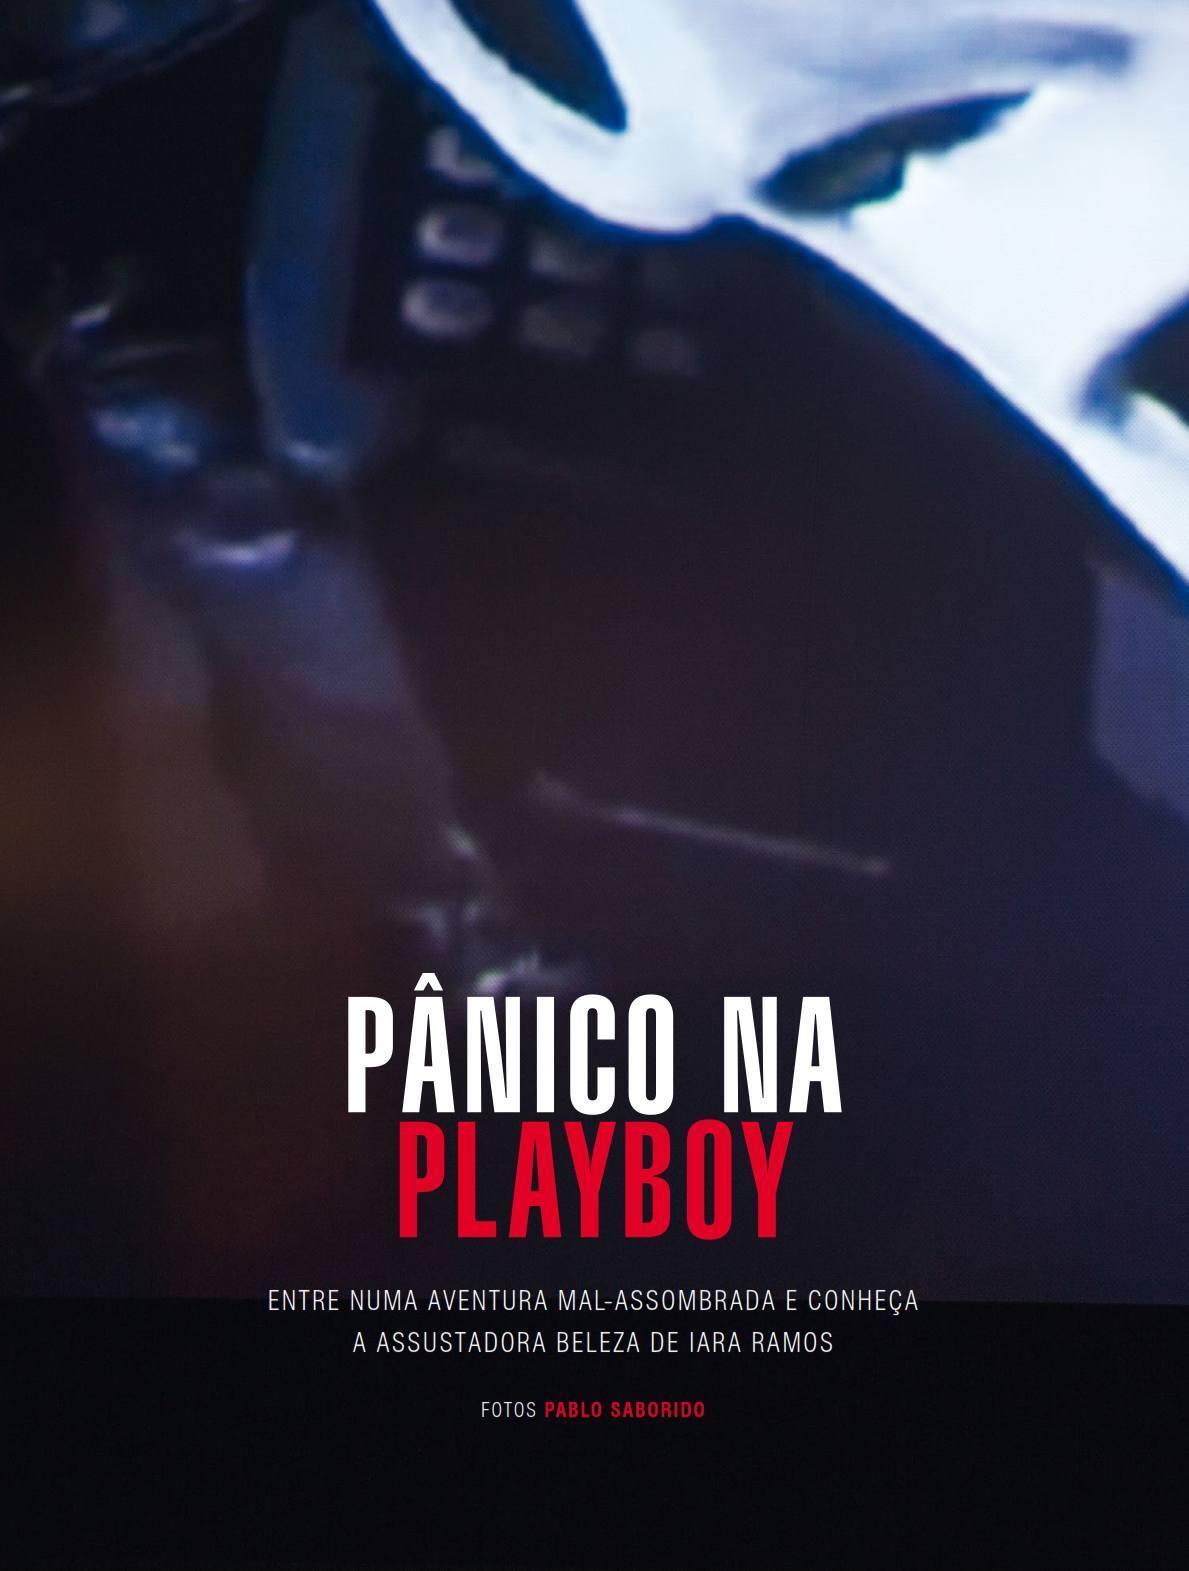 Fotos Playboy Panicat Iara Ramos Outubro (3)